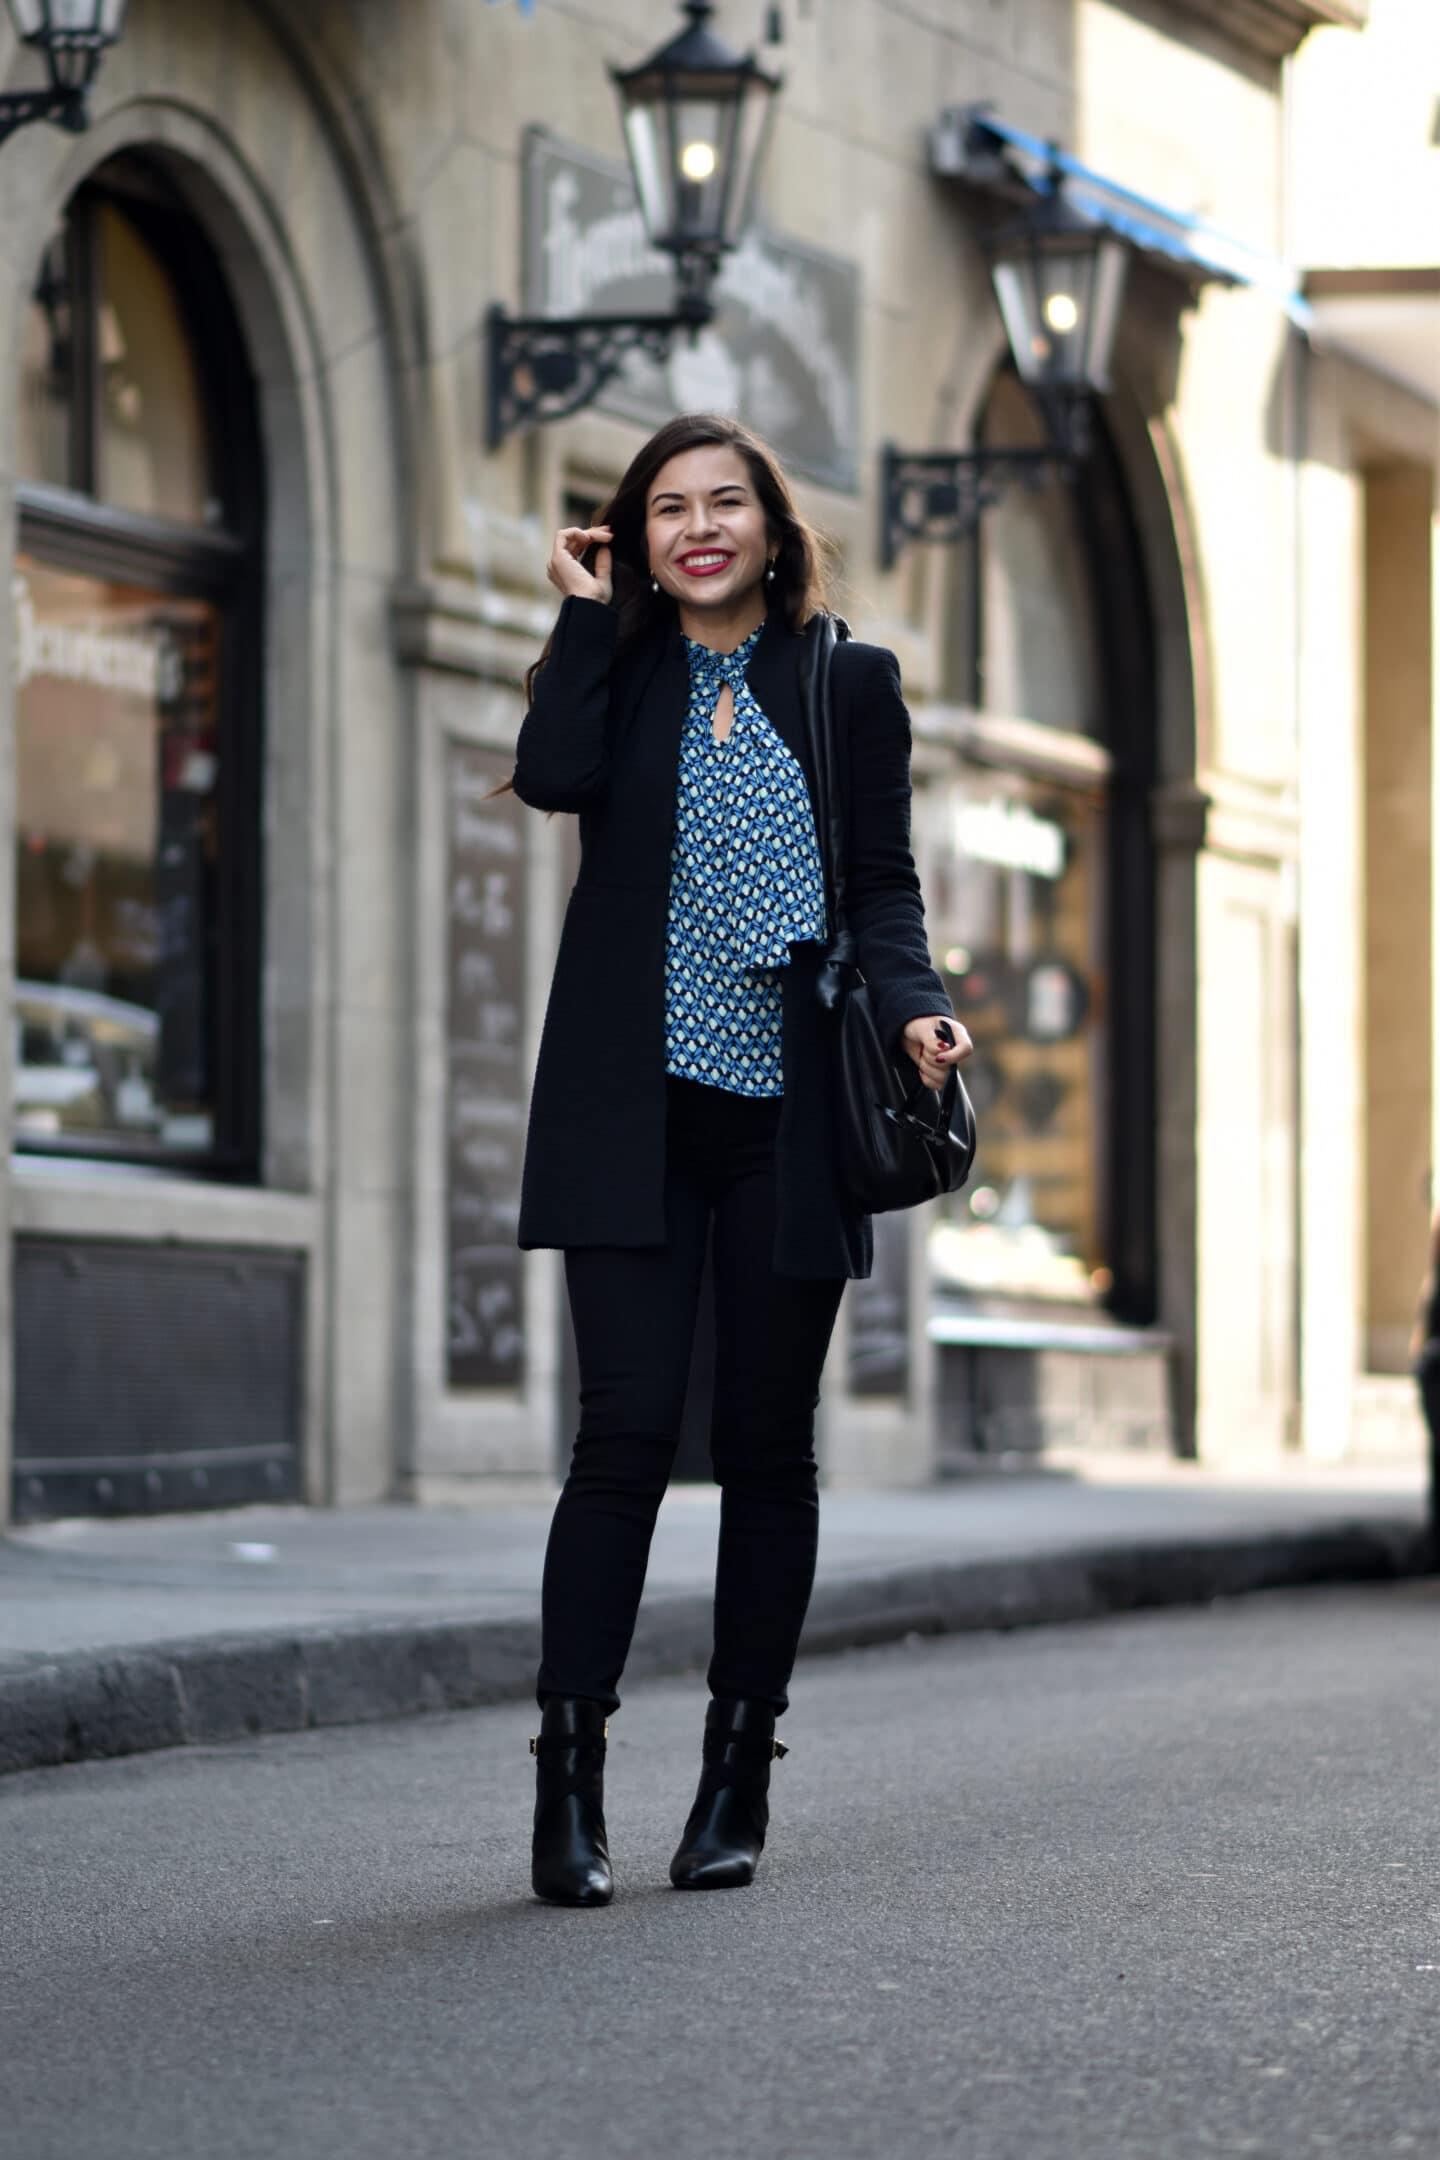 Streetstyle Parisian Look